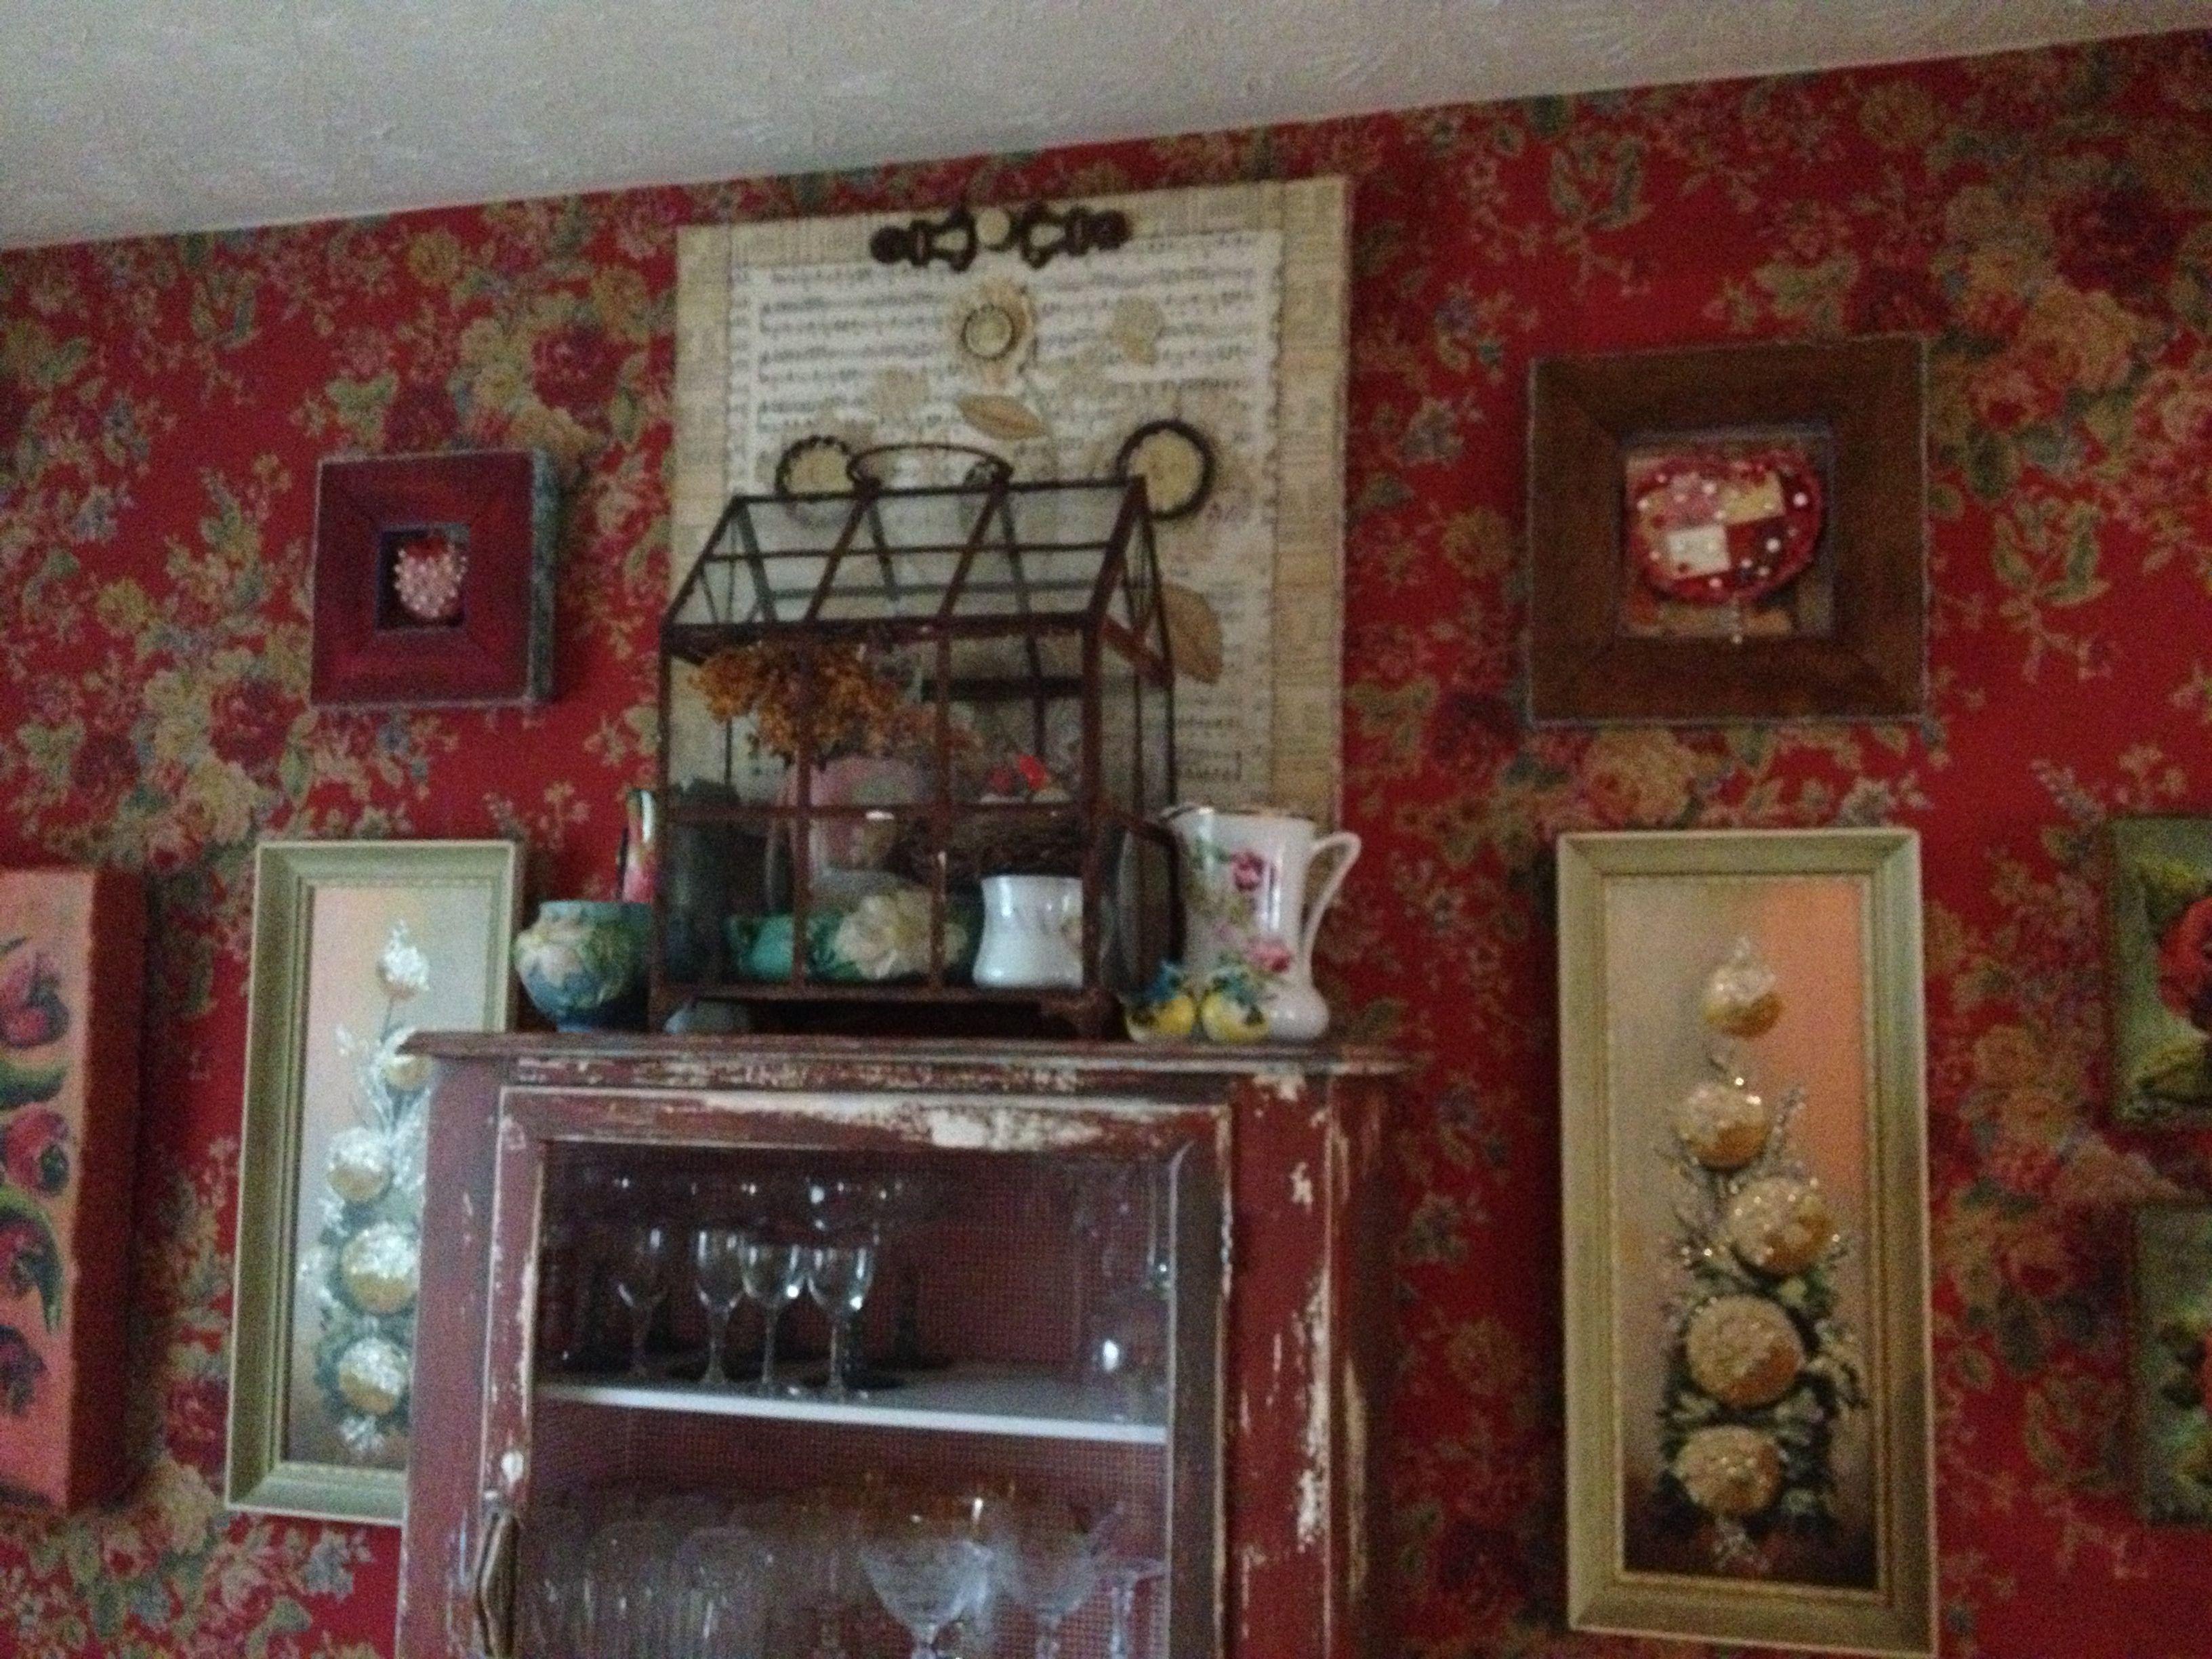 Dining room love my Ralph Lauren paper | Home decor, Room ...